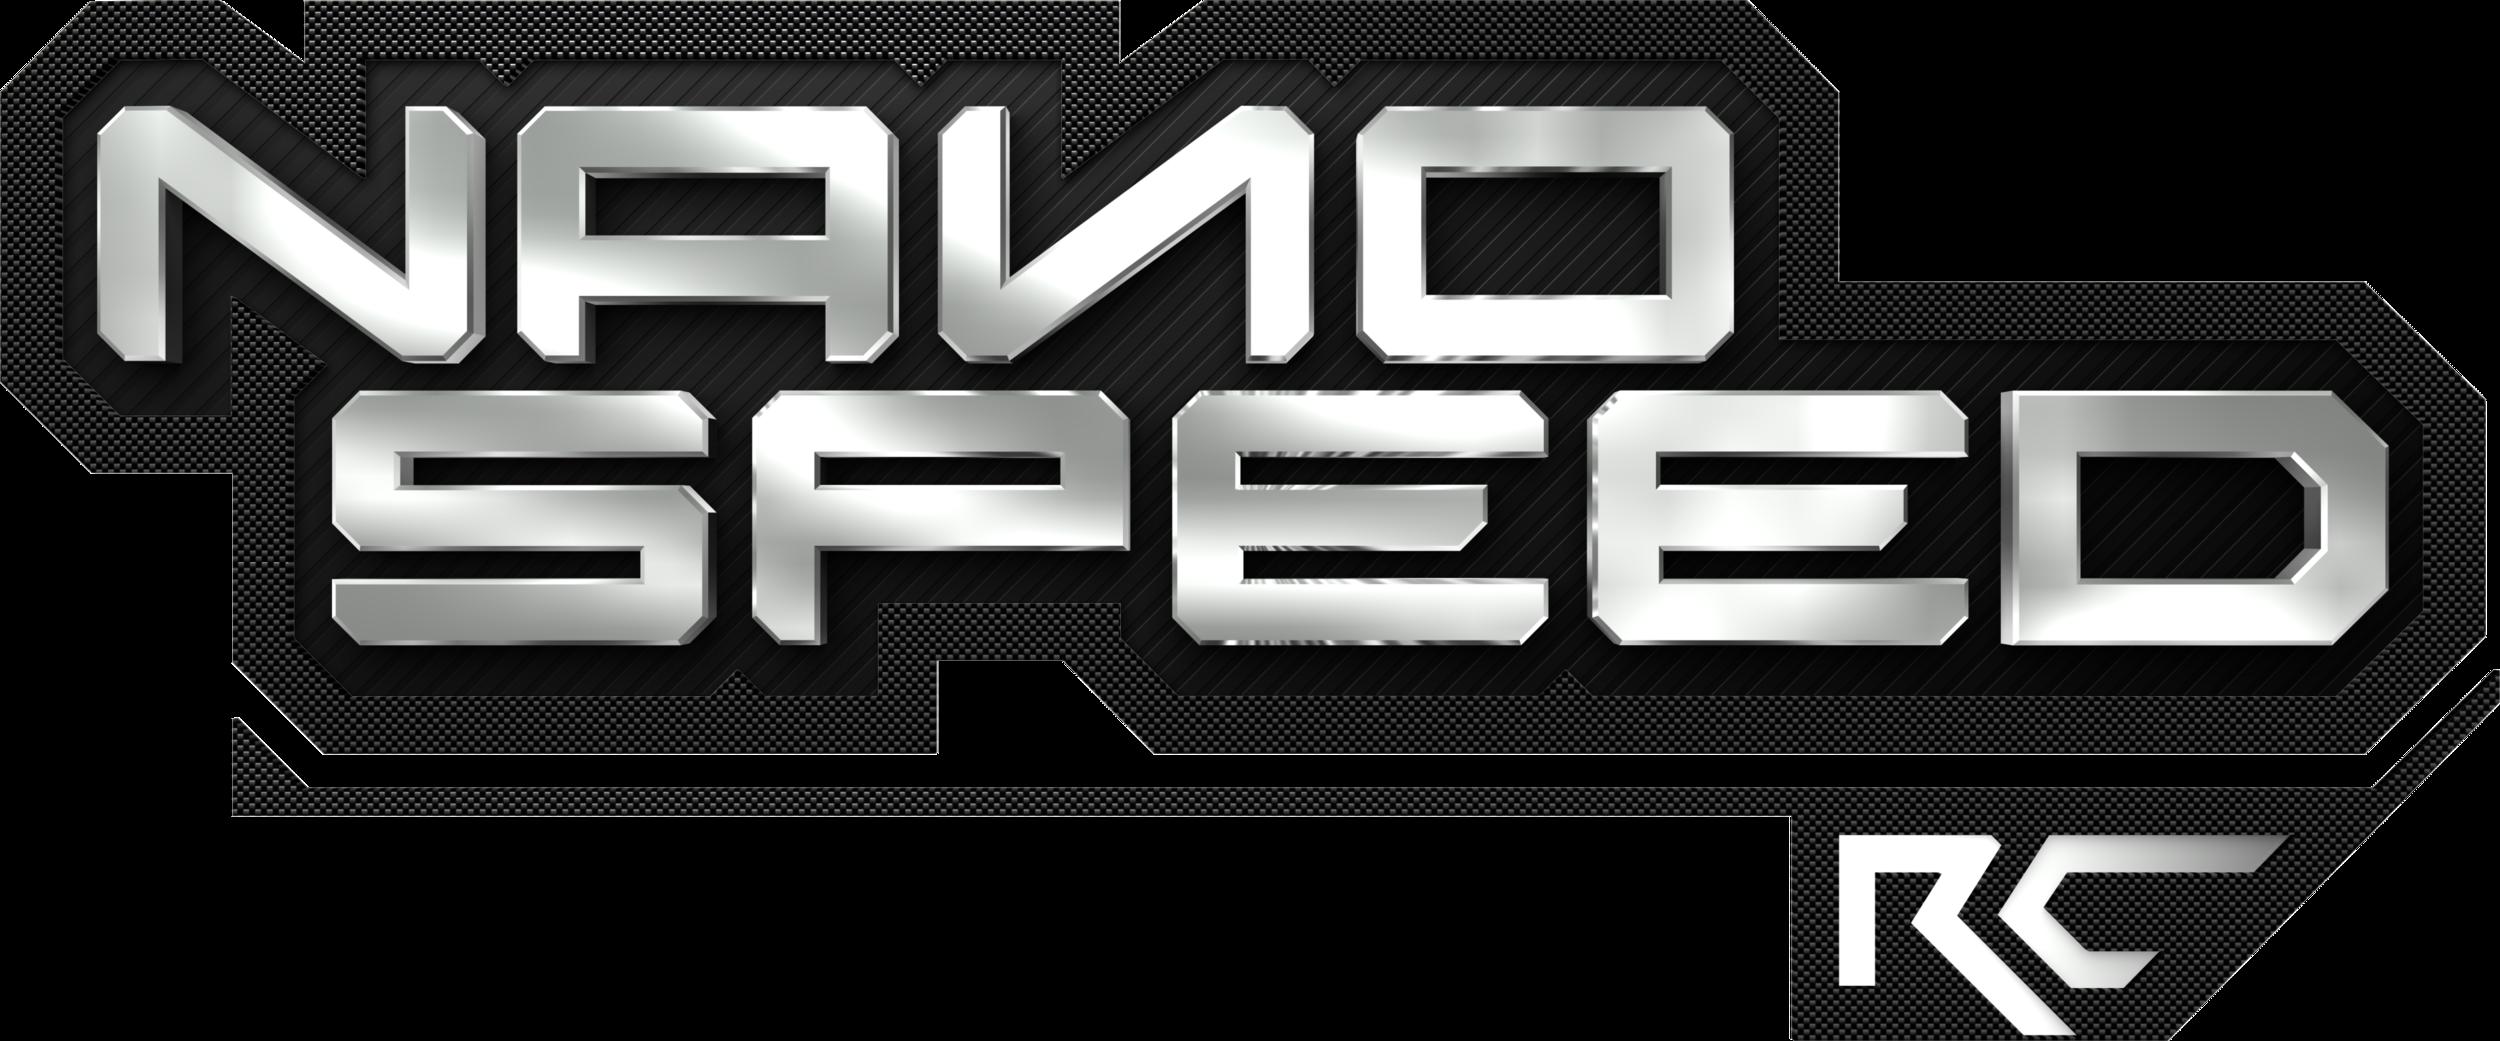 Nano+Silver+Metallic+Logo+HiRez+02.png